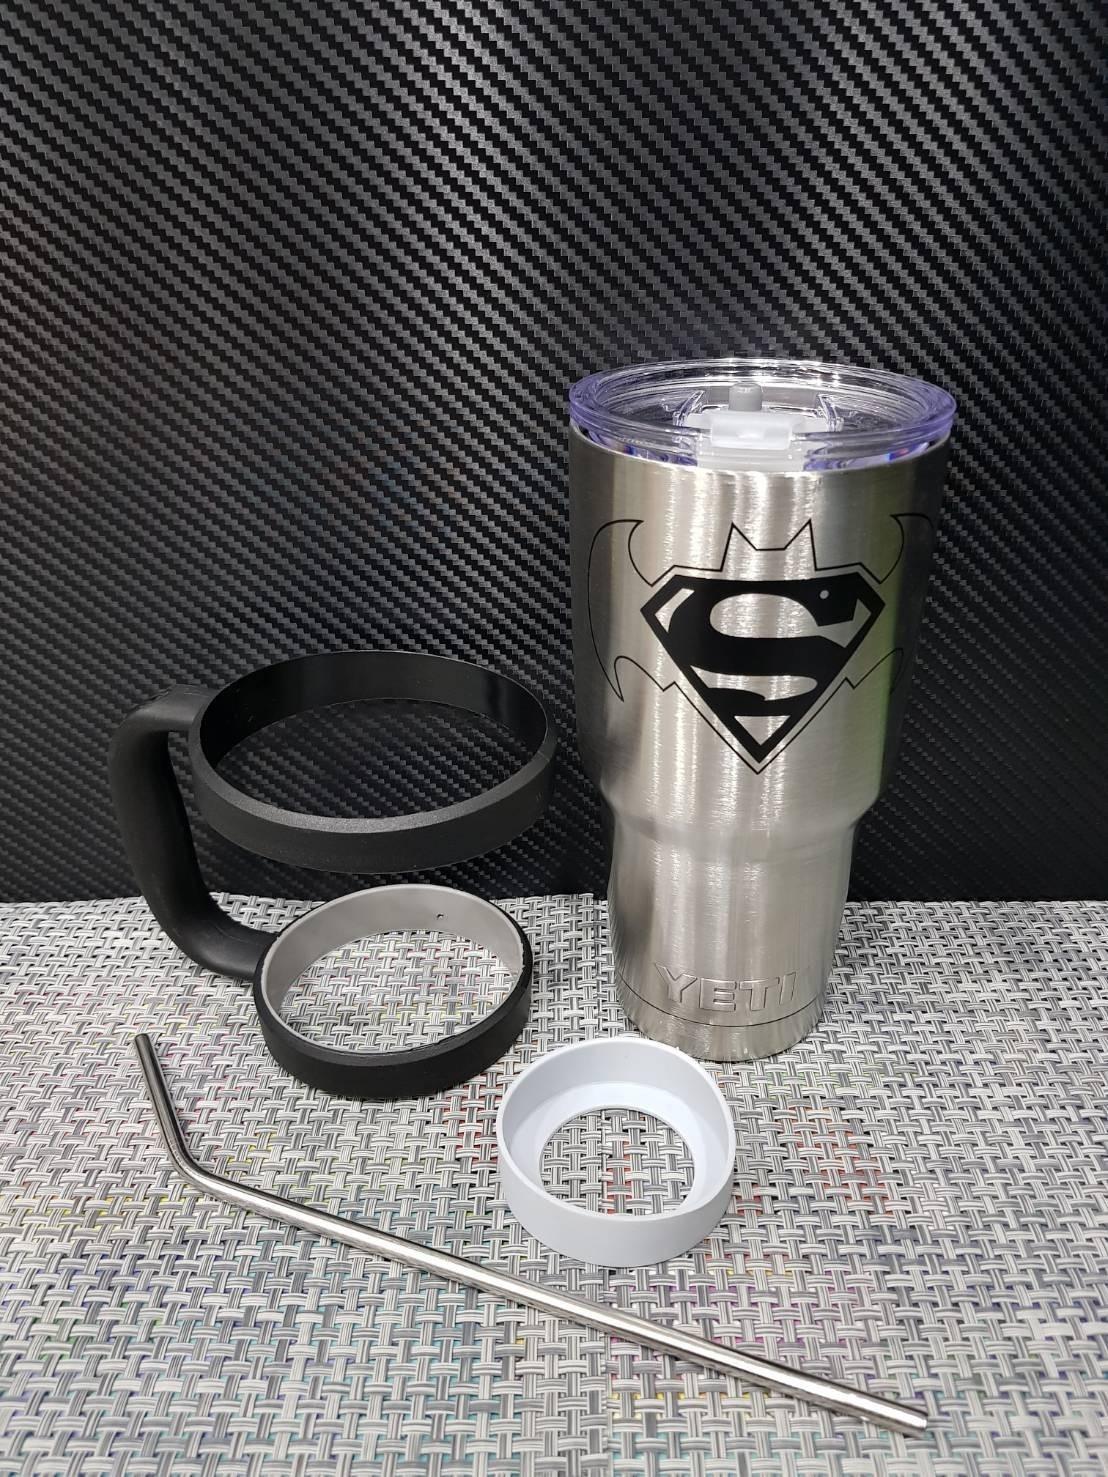 ชุดแก้วเยติ 30 ออนซ์ พื้นสีเงิน โลโก้ ซุปเปอร์แมน vs แบทแมน